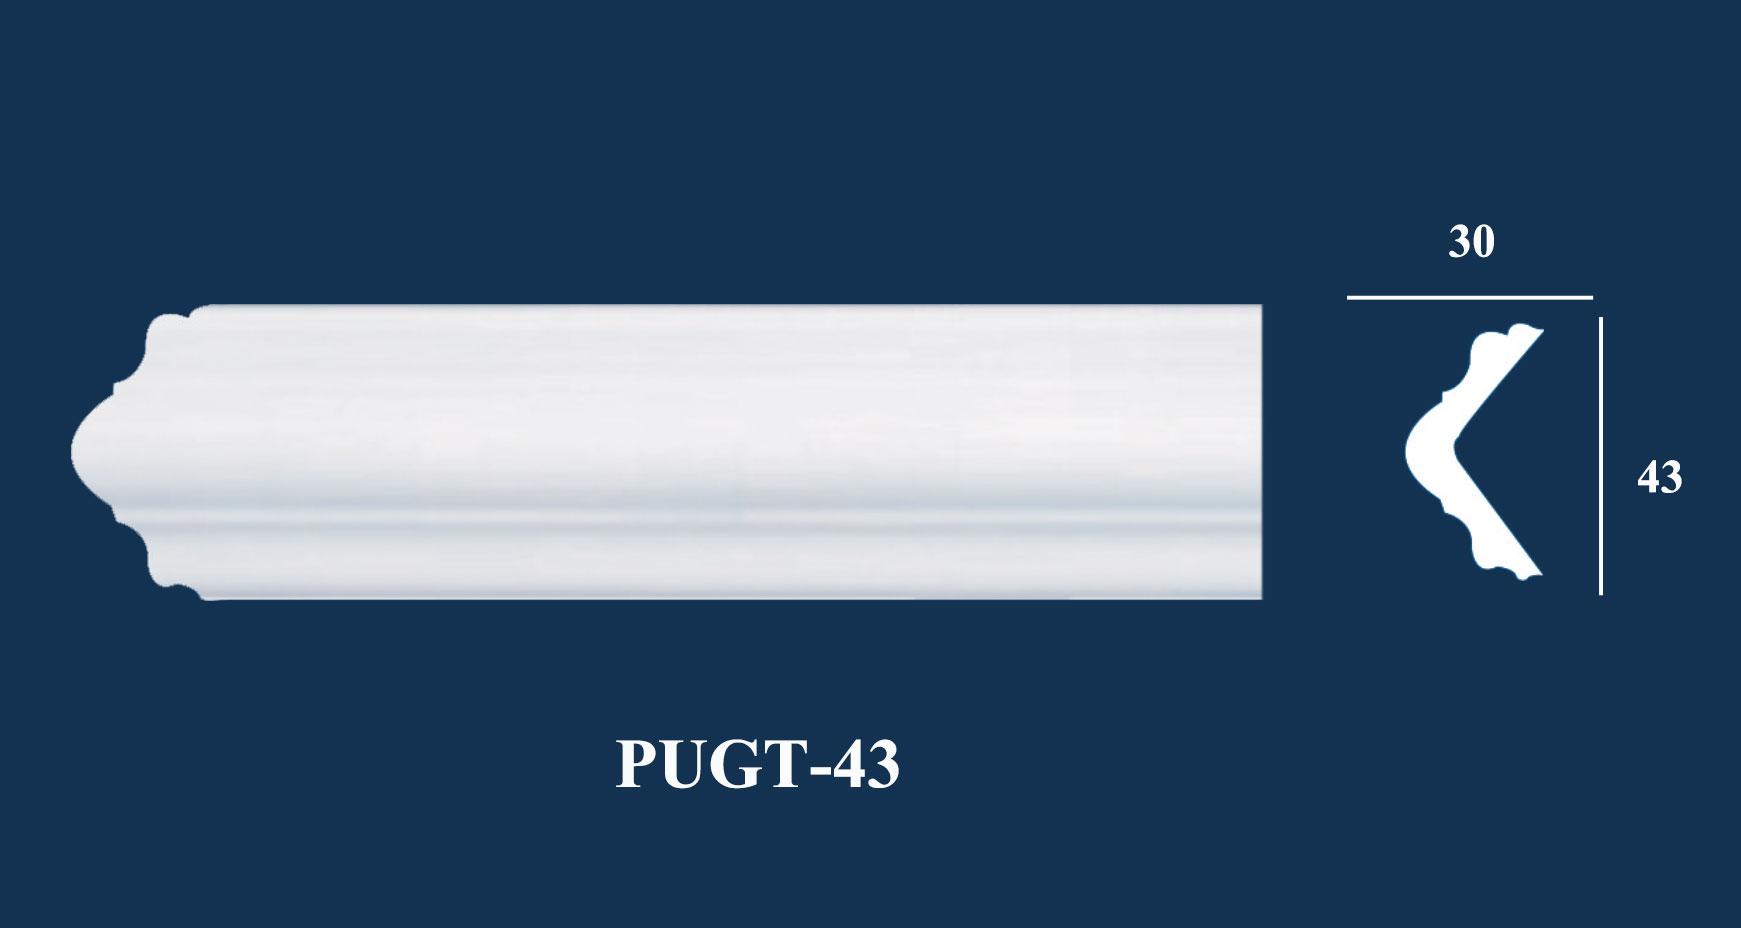 Chỉ Nẹp Trơn - PUGT-43